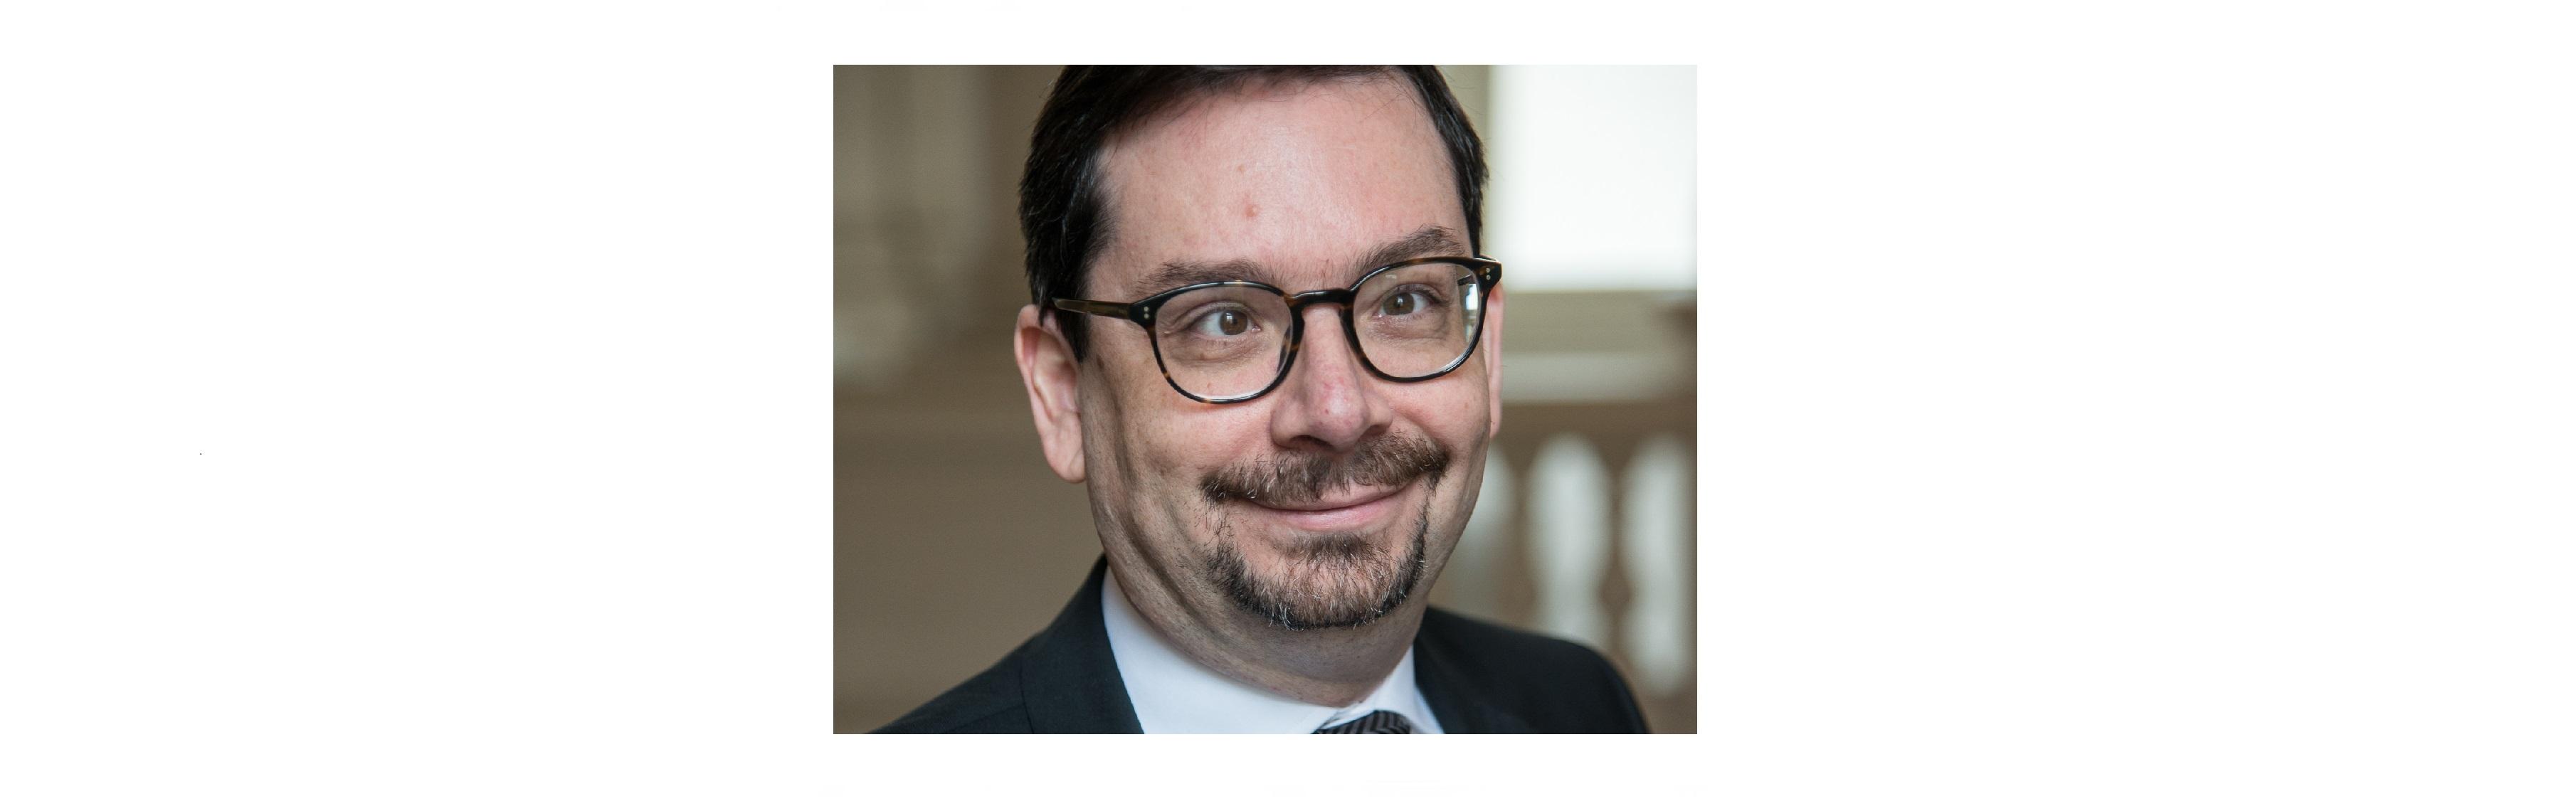 Etienne Champion nommé Directeur général de l'ARS Hauts-de-France